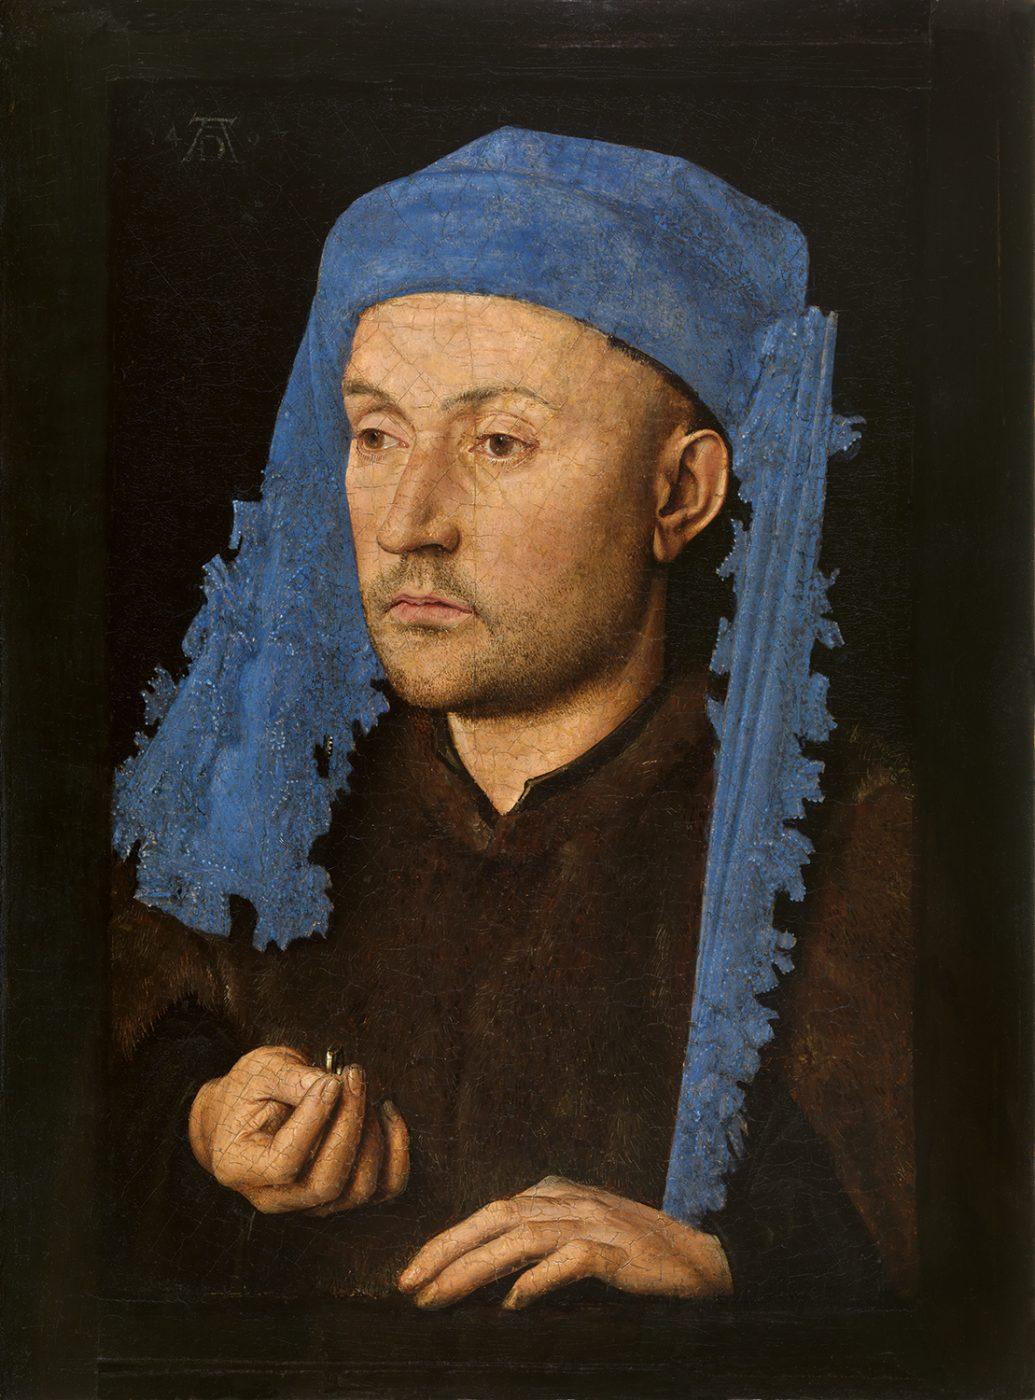 Jan van Eyck, Portret van een man met blauwe kaproen